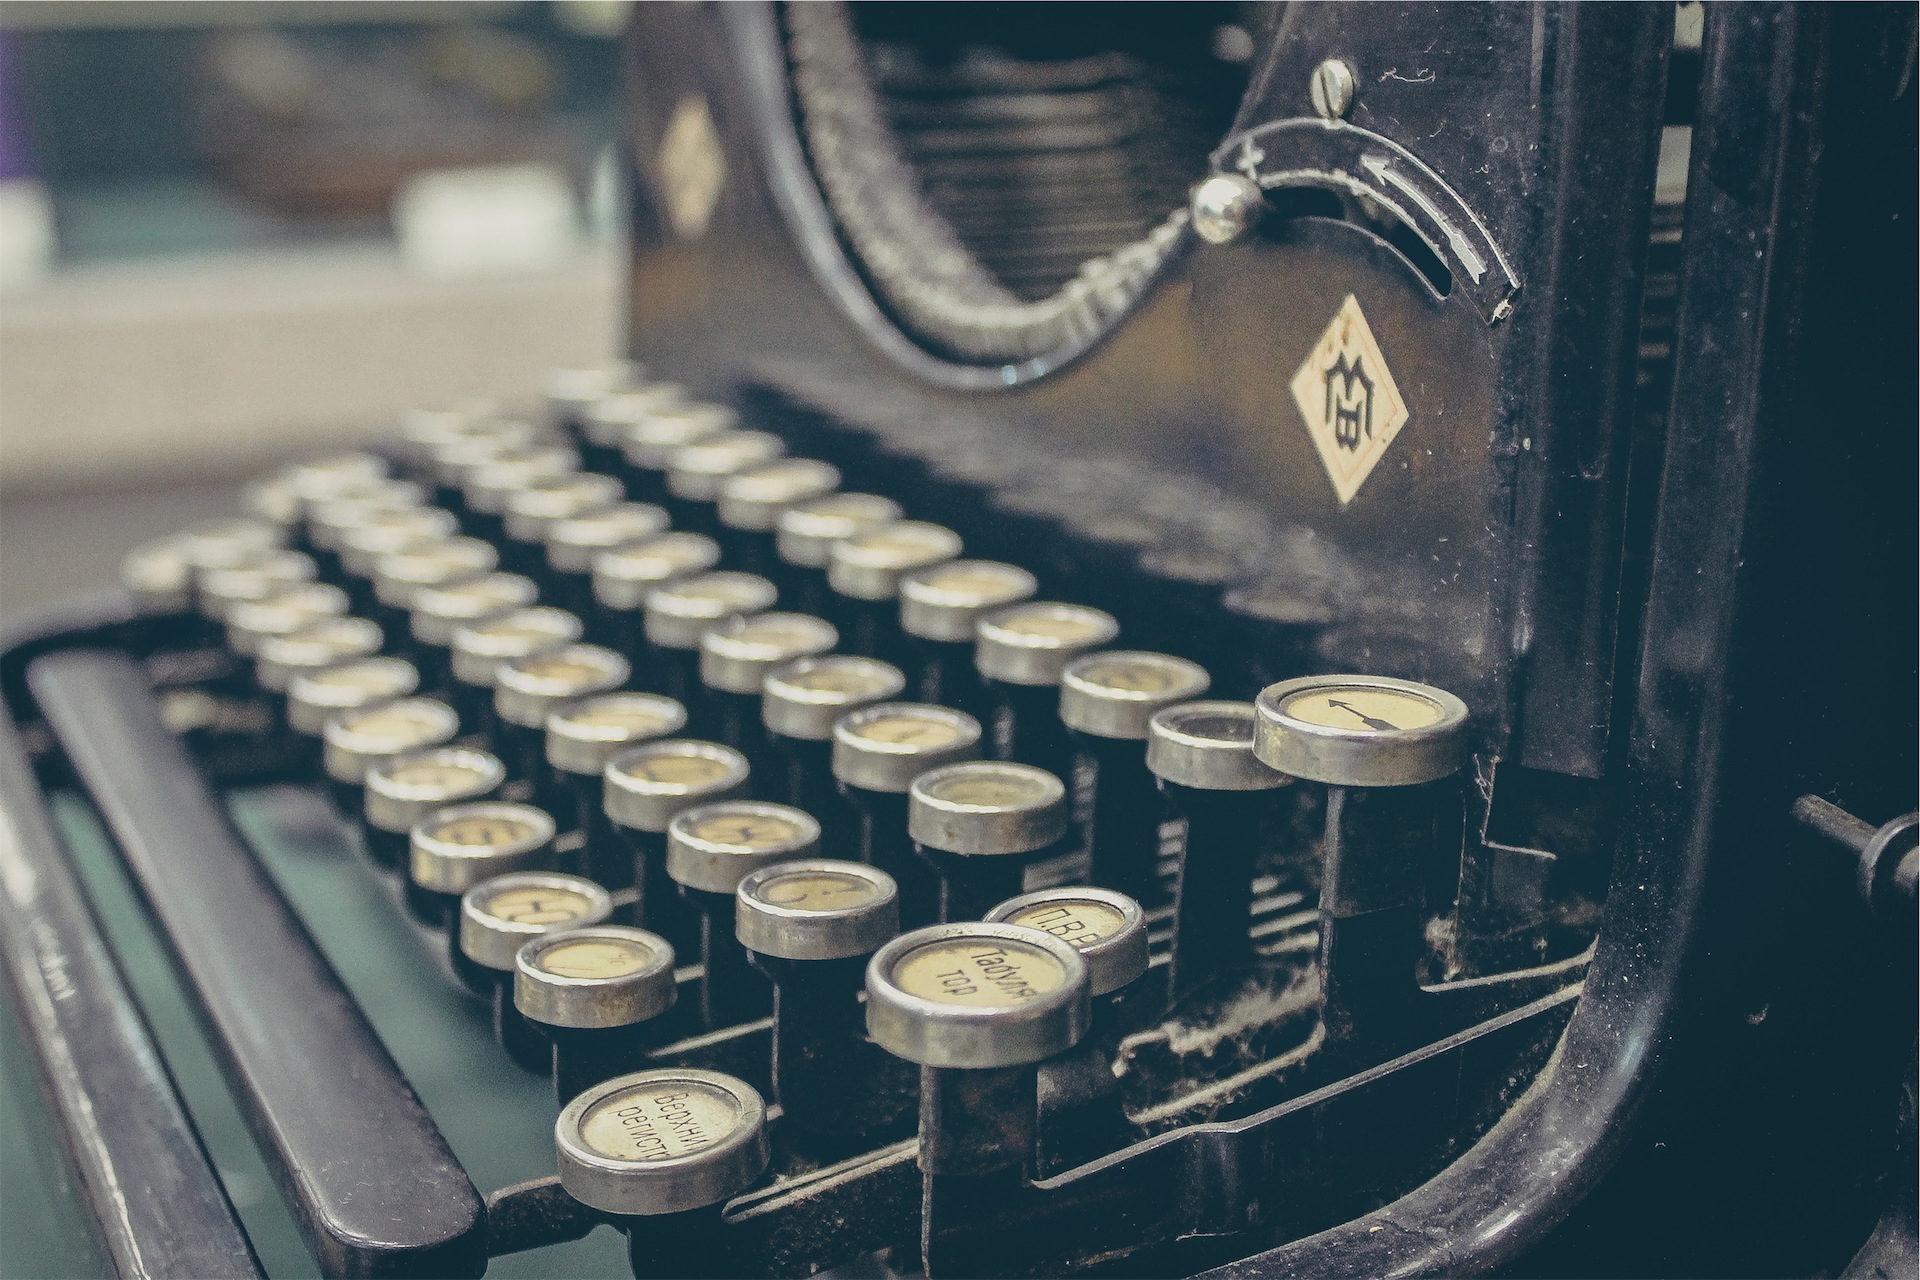 Maschine, Schreiben, Schlüssel, alt, Jahrgang - Wallpaper HD - Prof.-falken.com